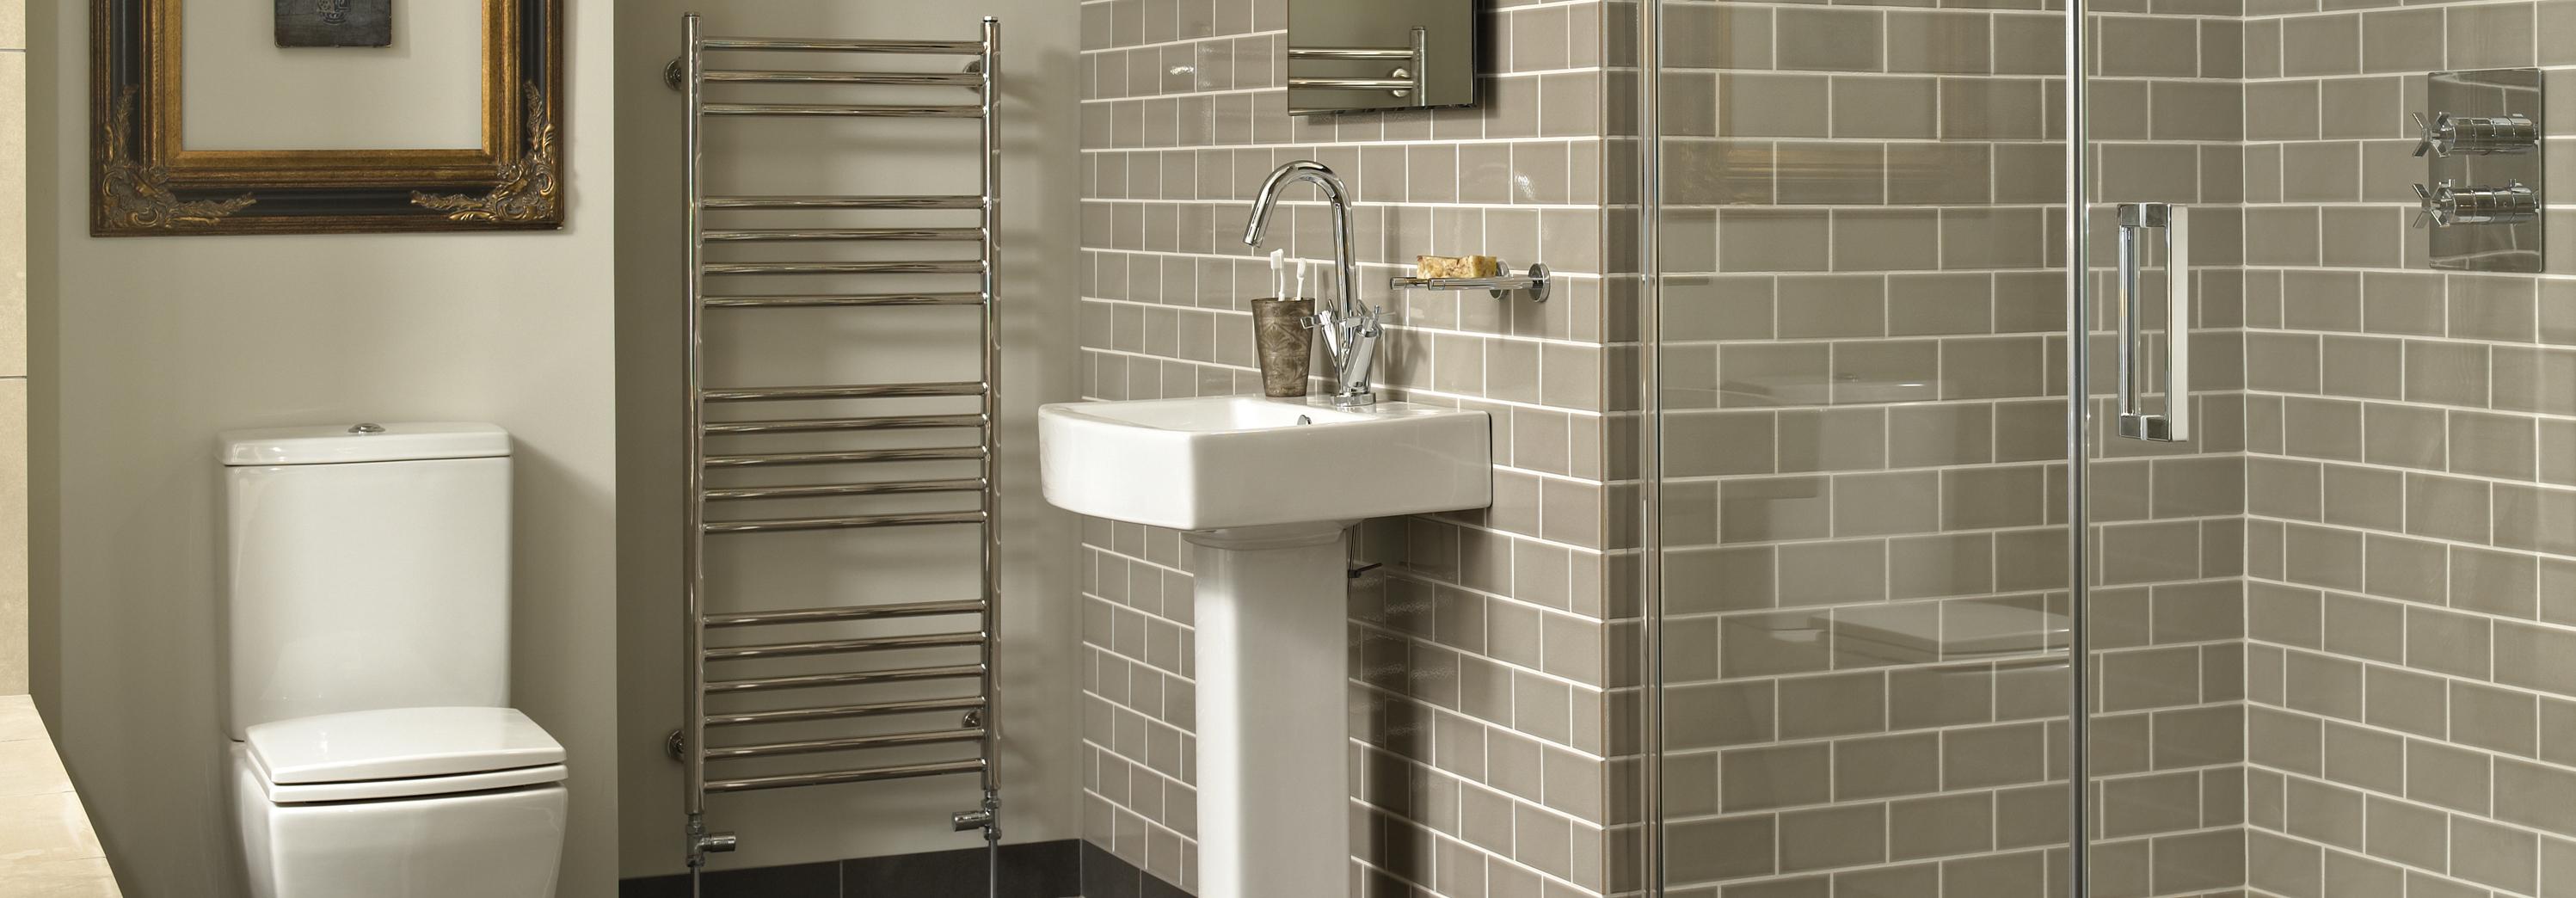 Stainless Steel Towel Warmers